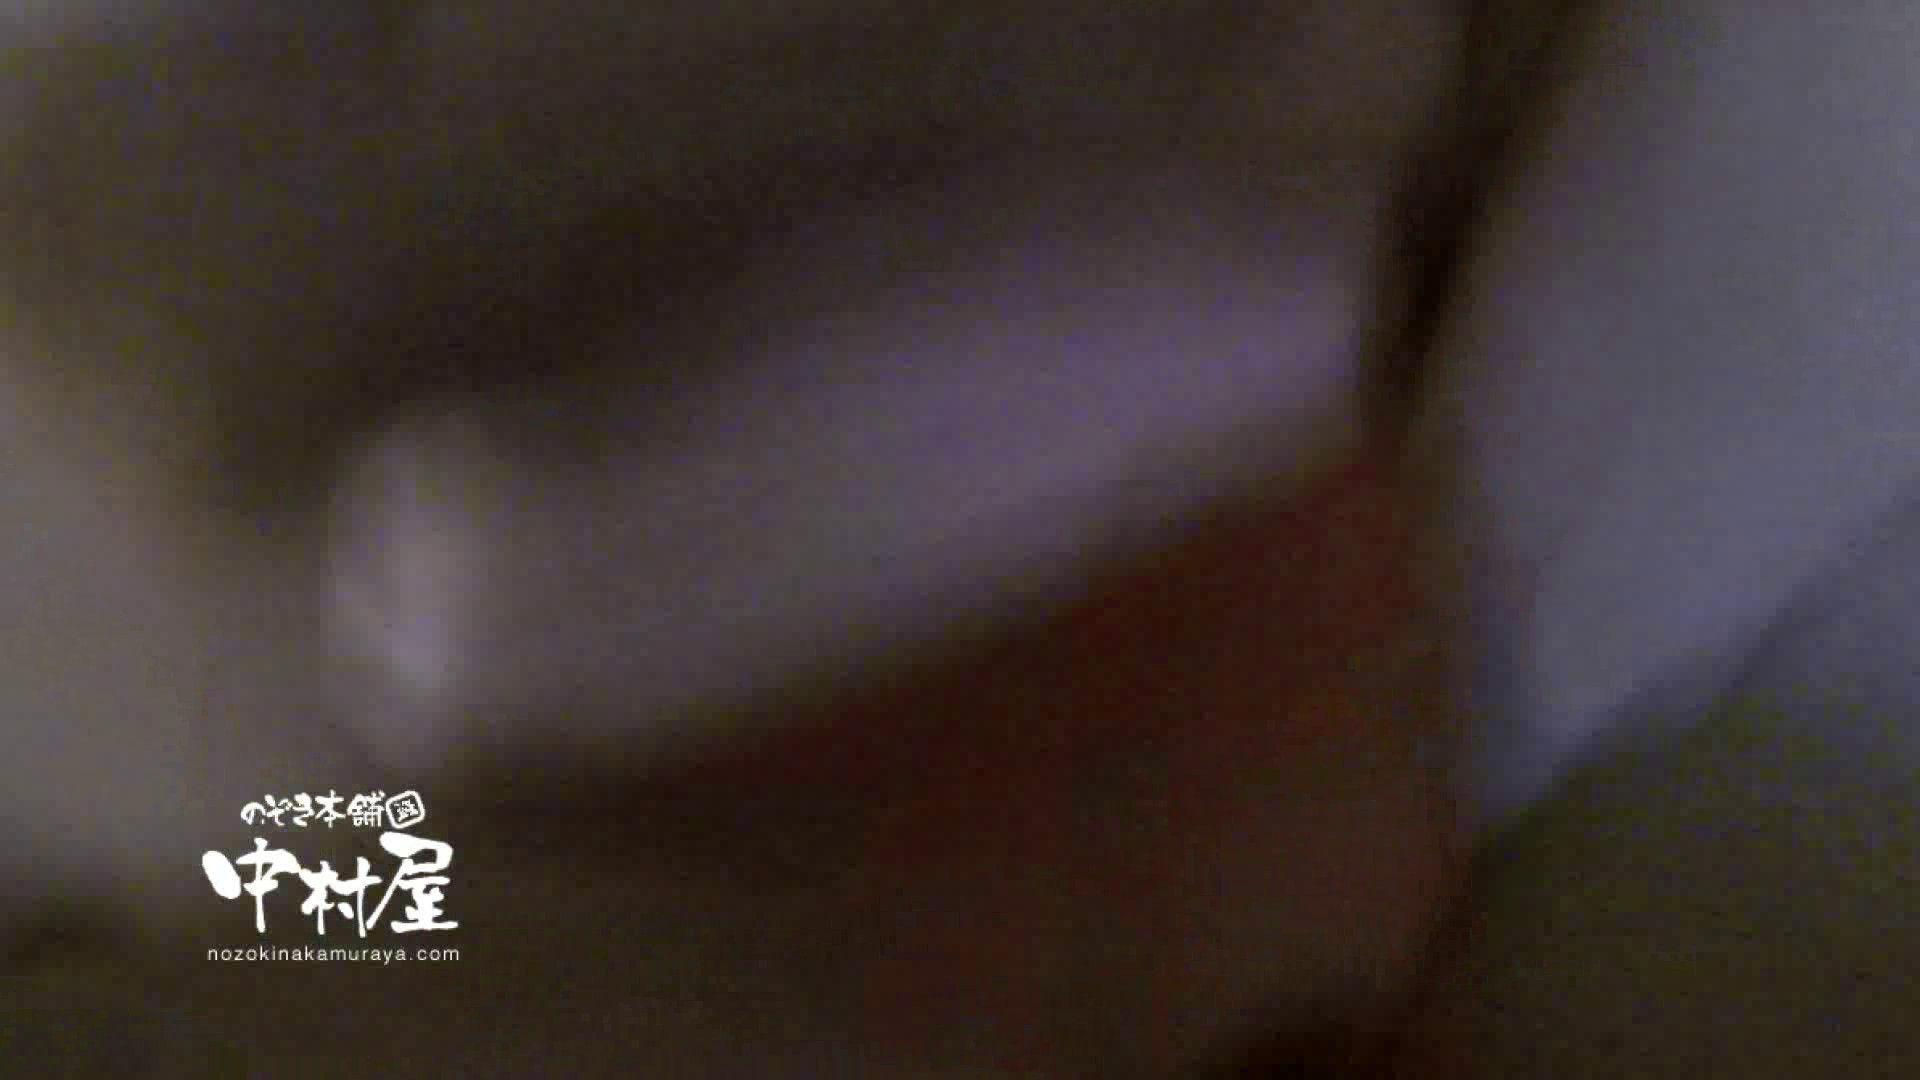 鬼畜 vol.08 極悪!妊娠覚悟の中出し! 後編 エッチなセックス われめAV動画紹介 66画像 59